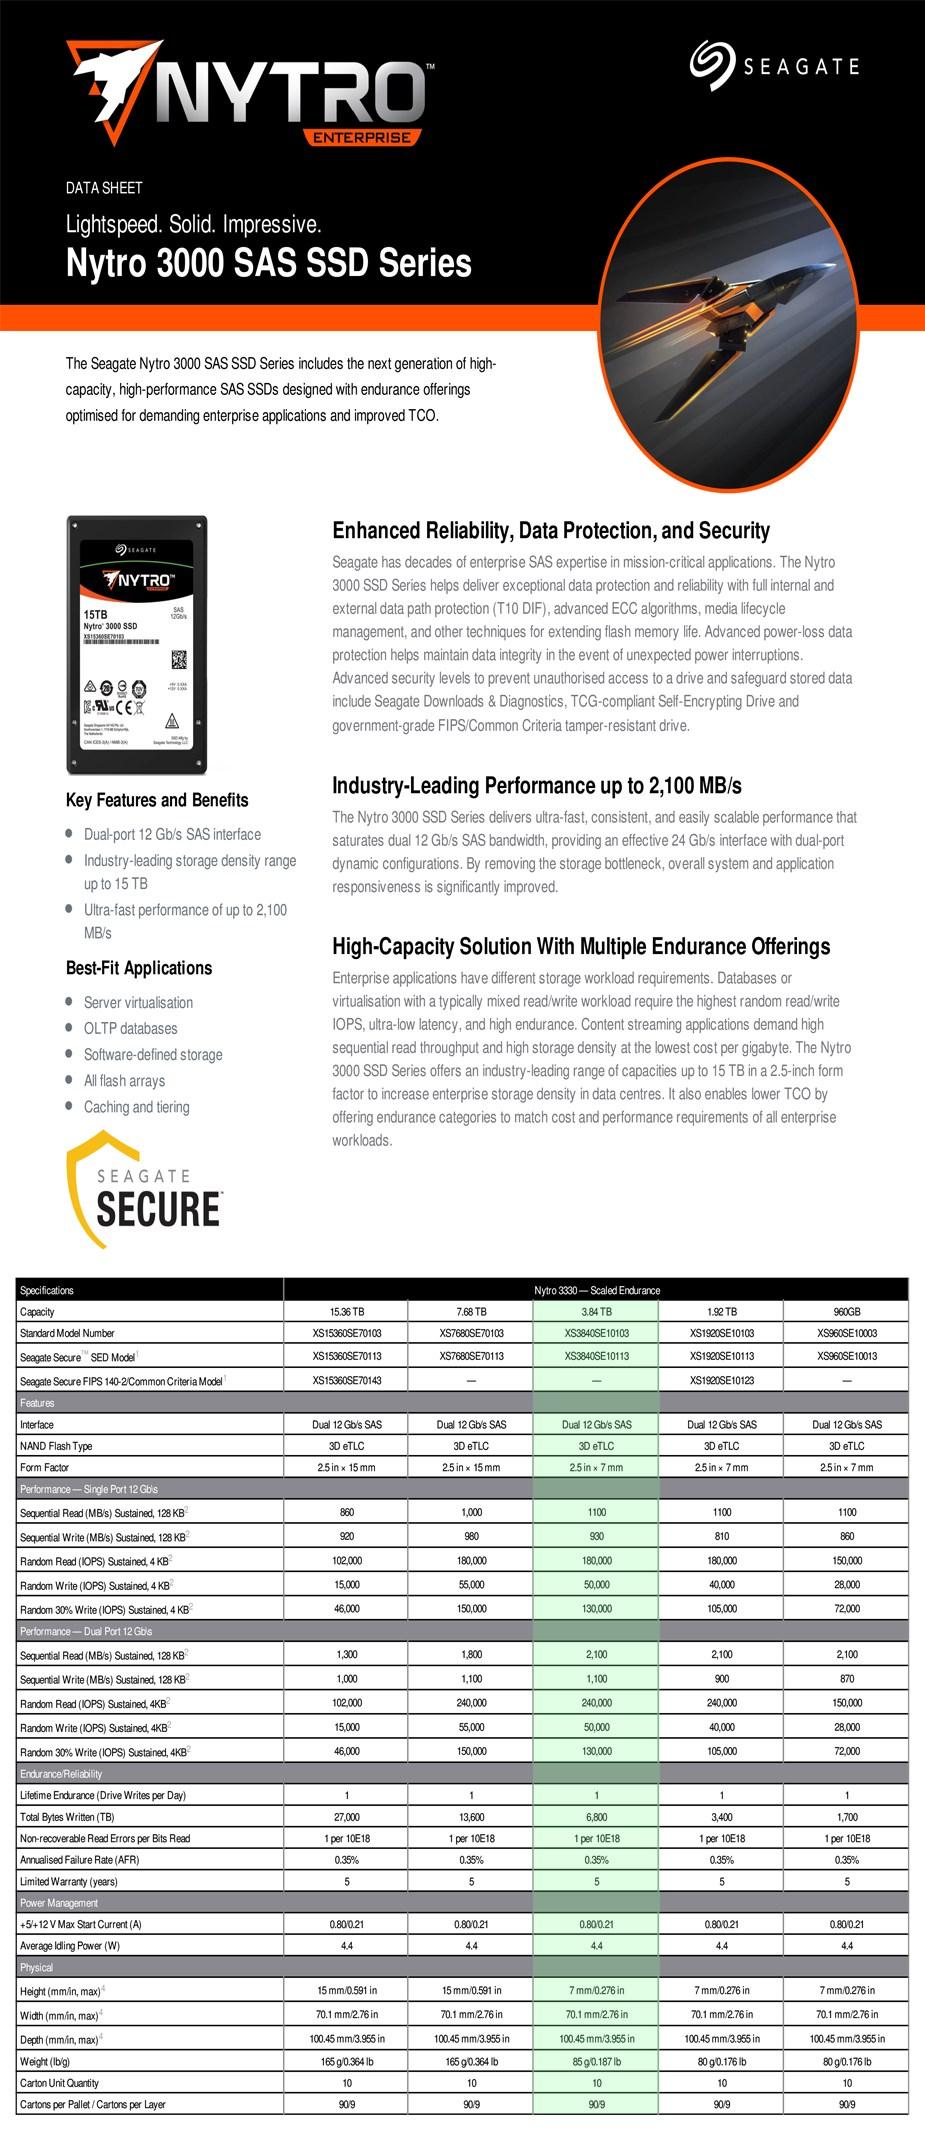 """Seagate Nytro 3330 XS3840SE10103 3.84TB 2.5"""" SAS Enterprise SSD - Desktop Overview 1"""